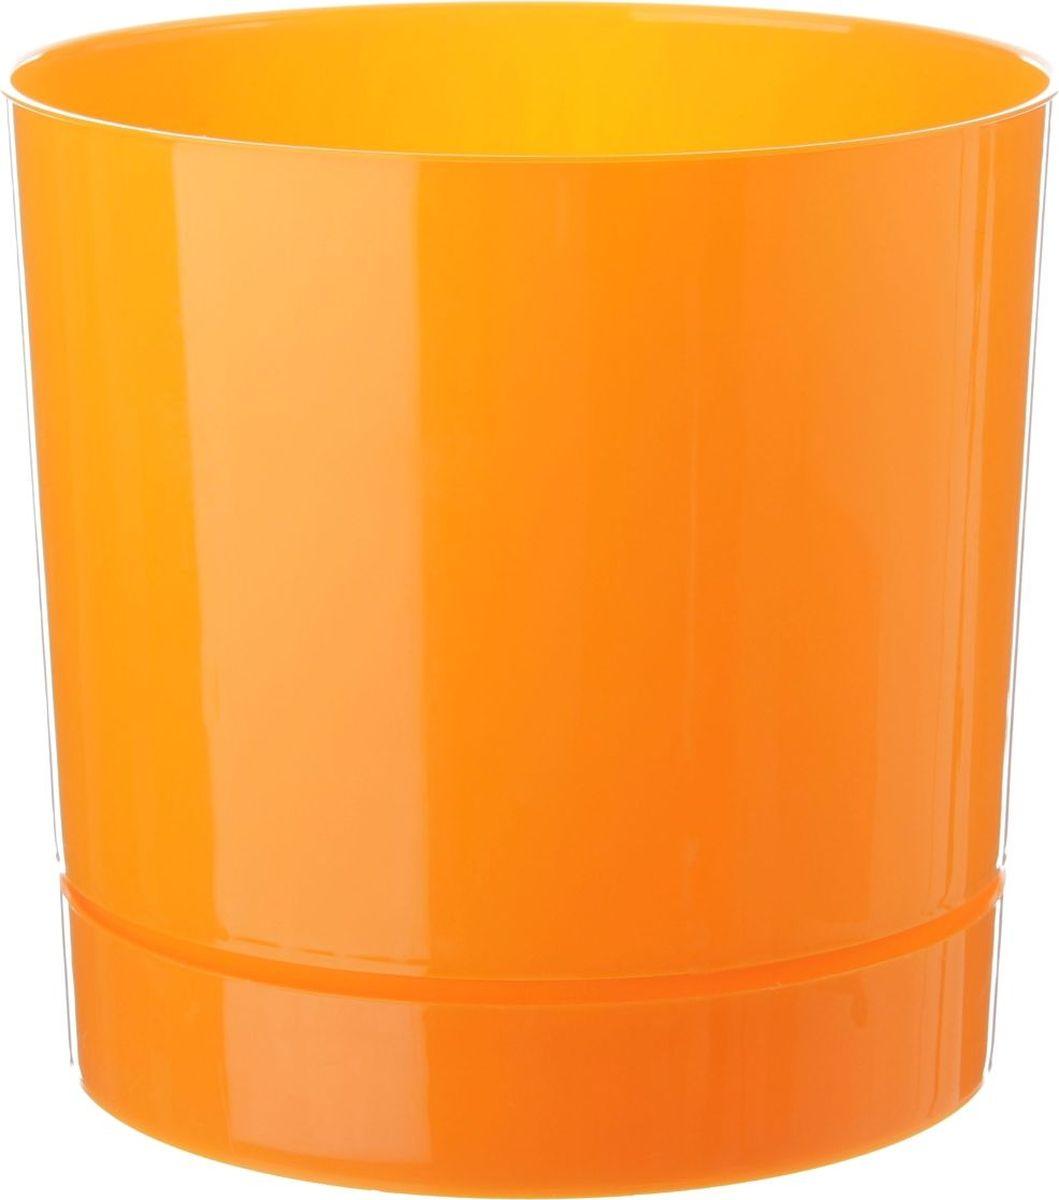 Горшок для цветов VesnaDecor, с поддоном, цвет: оранжевый, 3,6 л519246Любой, даже самый современный и продуманный интерьер будет незавершённым без растений. Они не только очищают воздух и насыщают его кислородом, но и заметно украшают окружающее пространство. Такому полезному члену семьи просто необходимо красивое и функциональное кашпо, оригинальный горшок или необычная ваза!Горшок для цветов VesnaDecor предназначен для выращивания цветов, растений и трав. Он порадует вас функциональностью, а также украсит интерьер помещения.Объем горшка: 3,6 л.